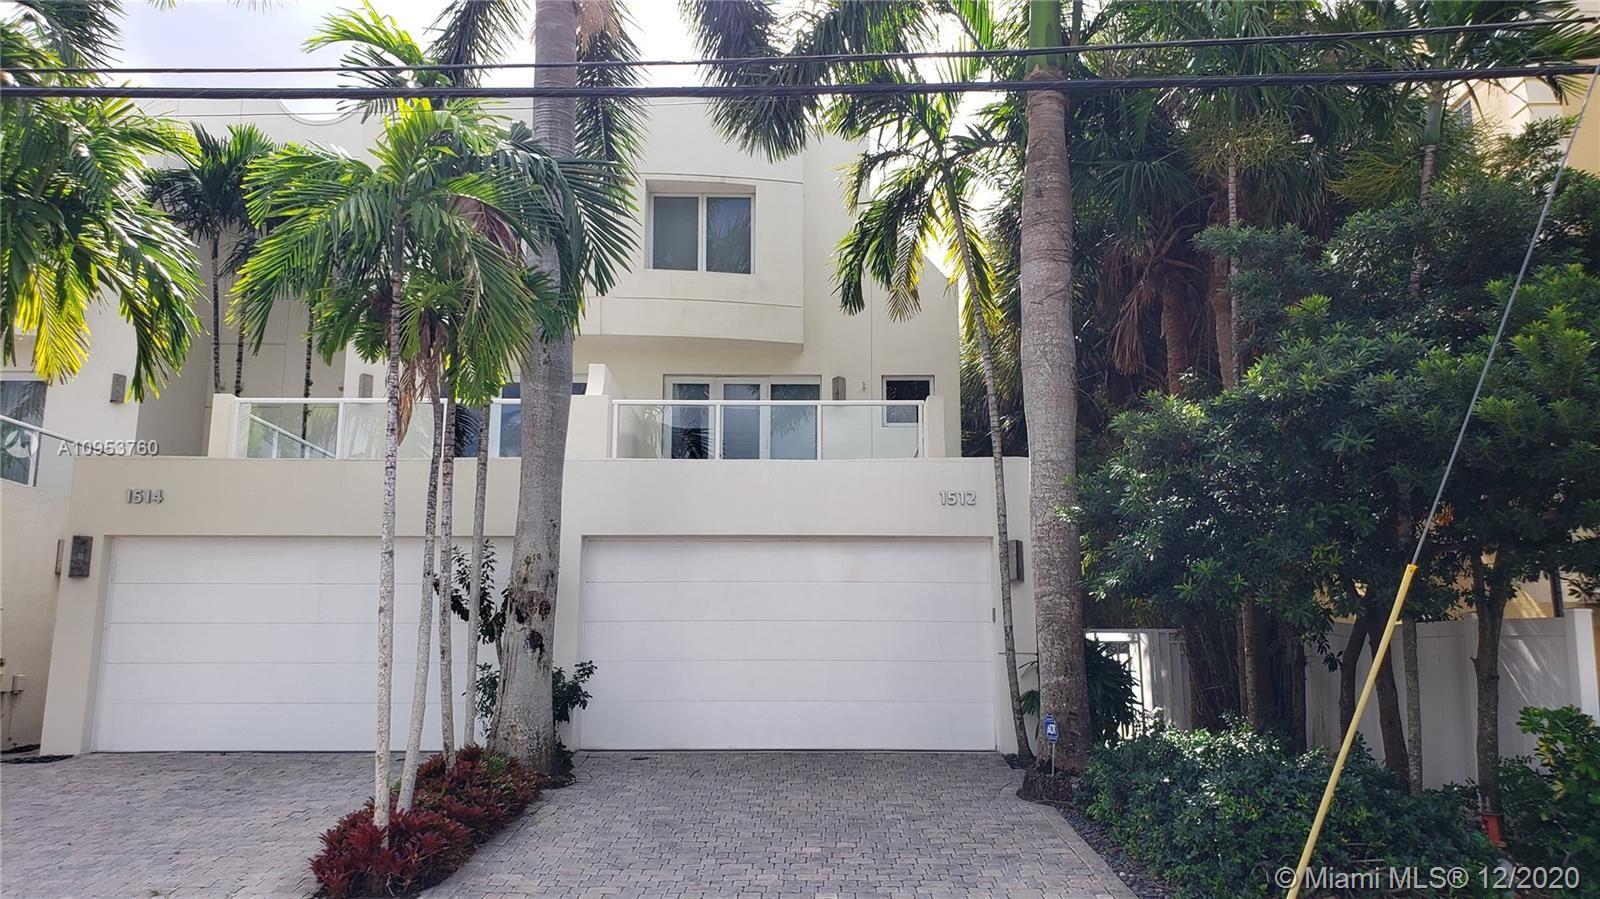 1512 SE 12th St #1512, Fort Lauderdale, FL 33316 - #: A10953760